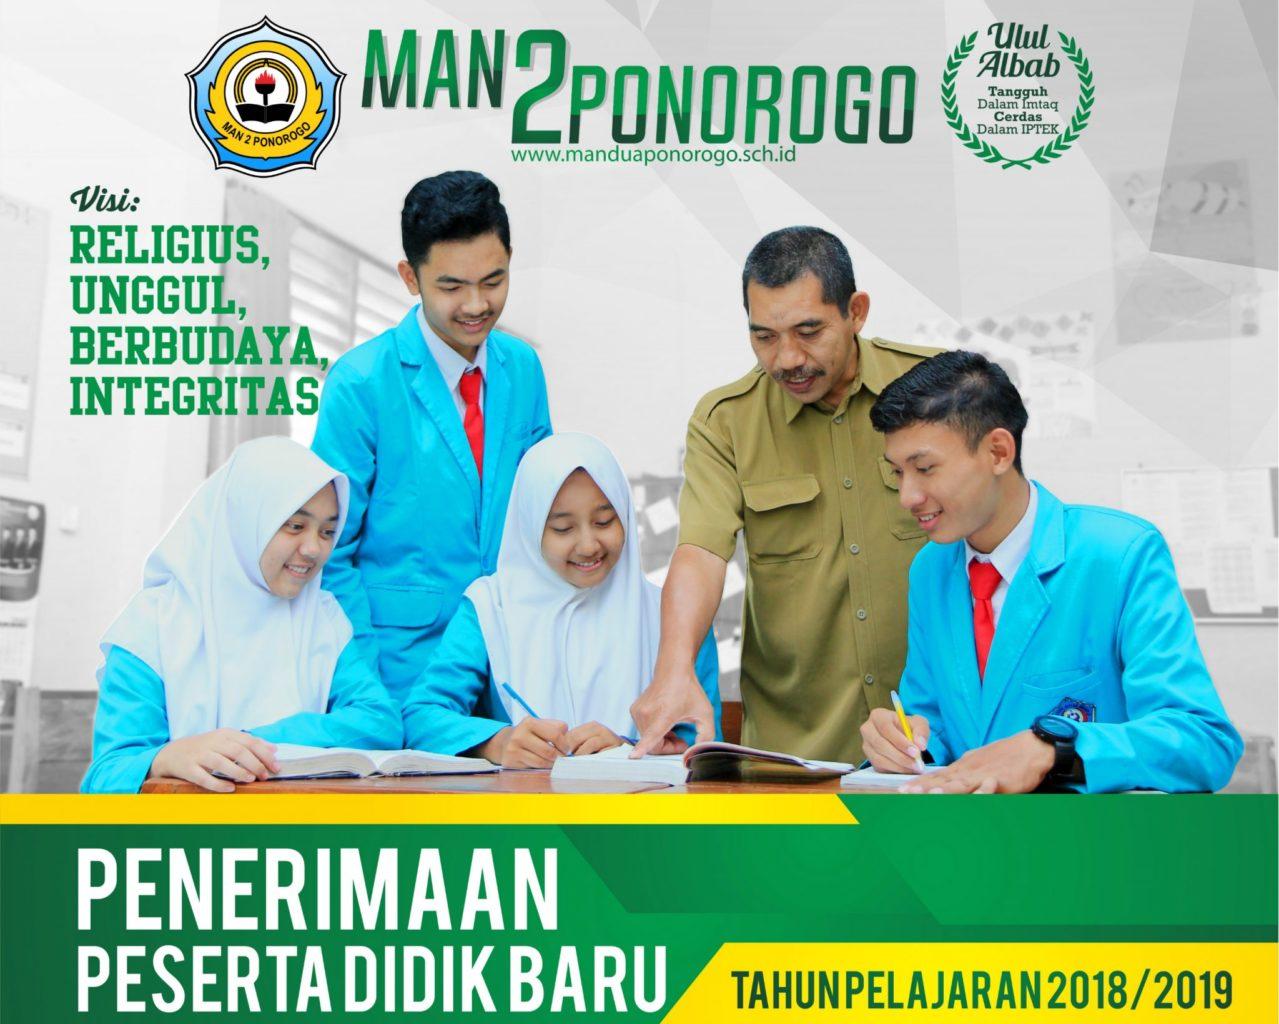 PPDB MAN 2 PONOROGO 2018-2019 Gel 1